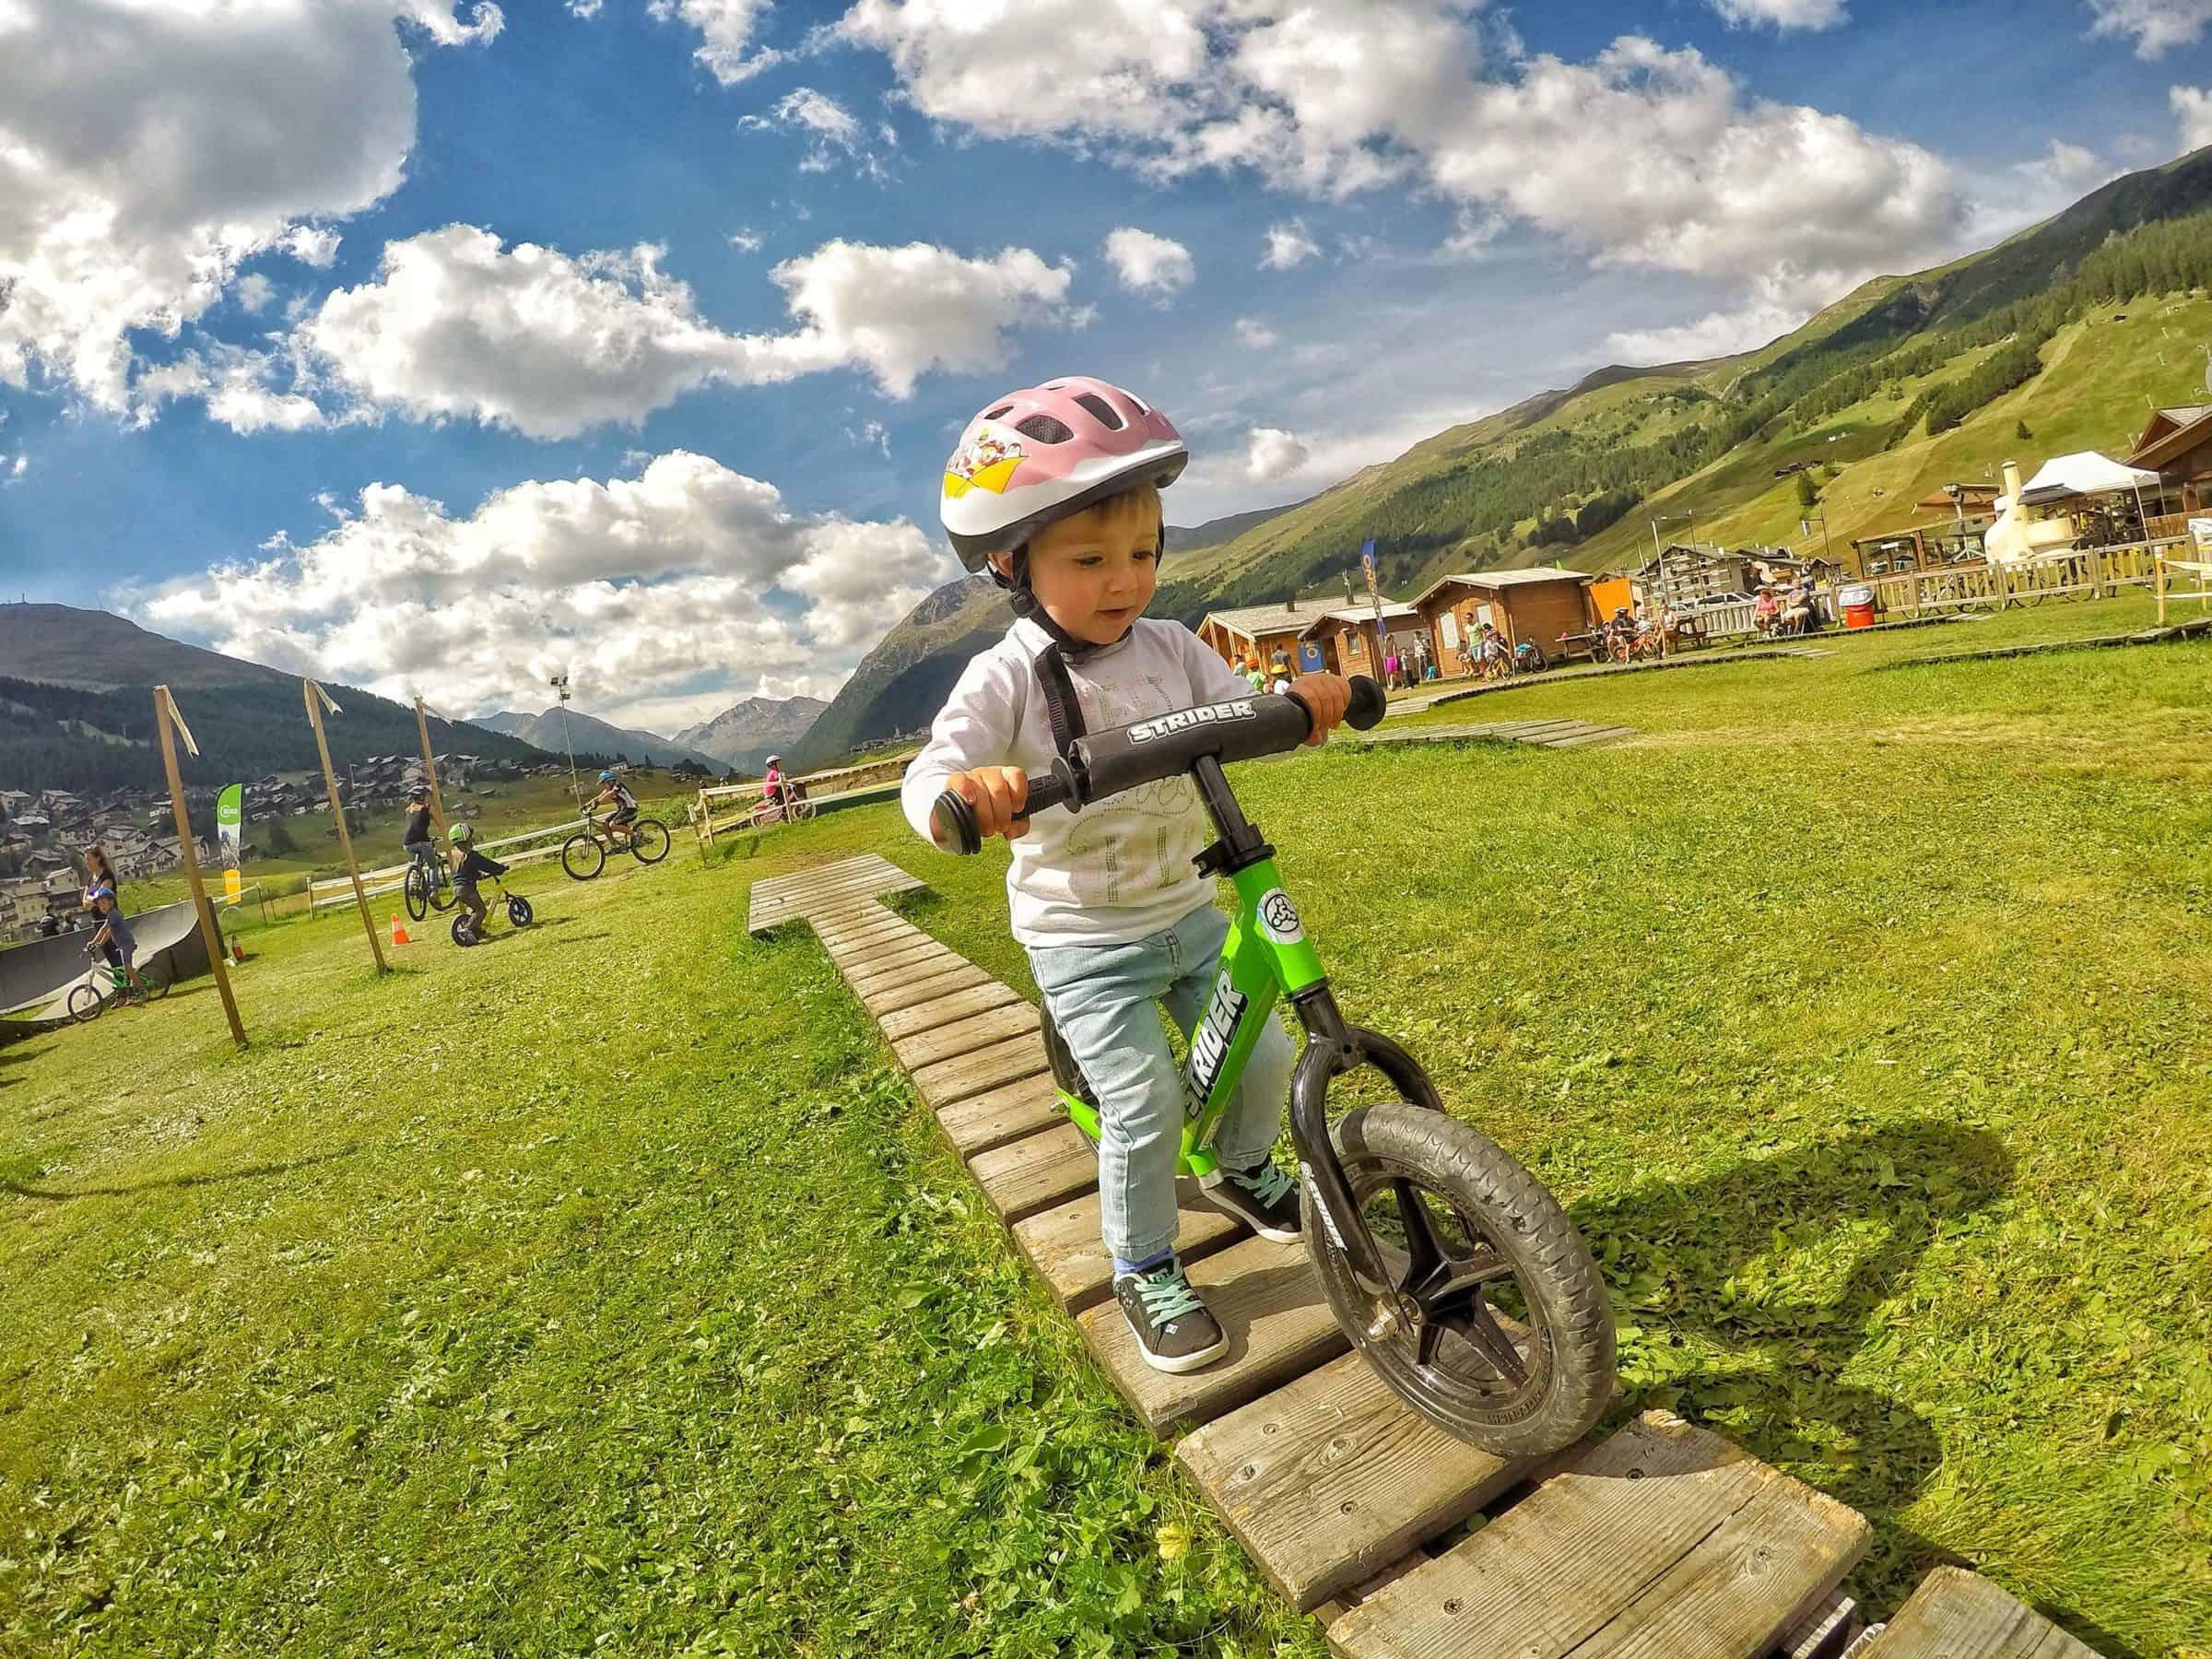 Livigno la stagione estiva - Bike